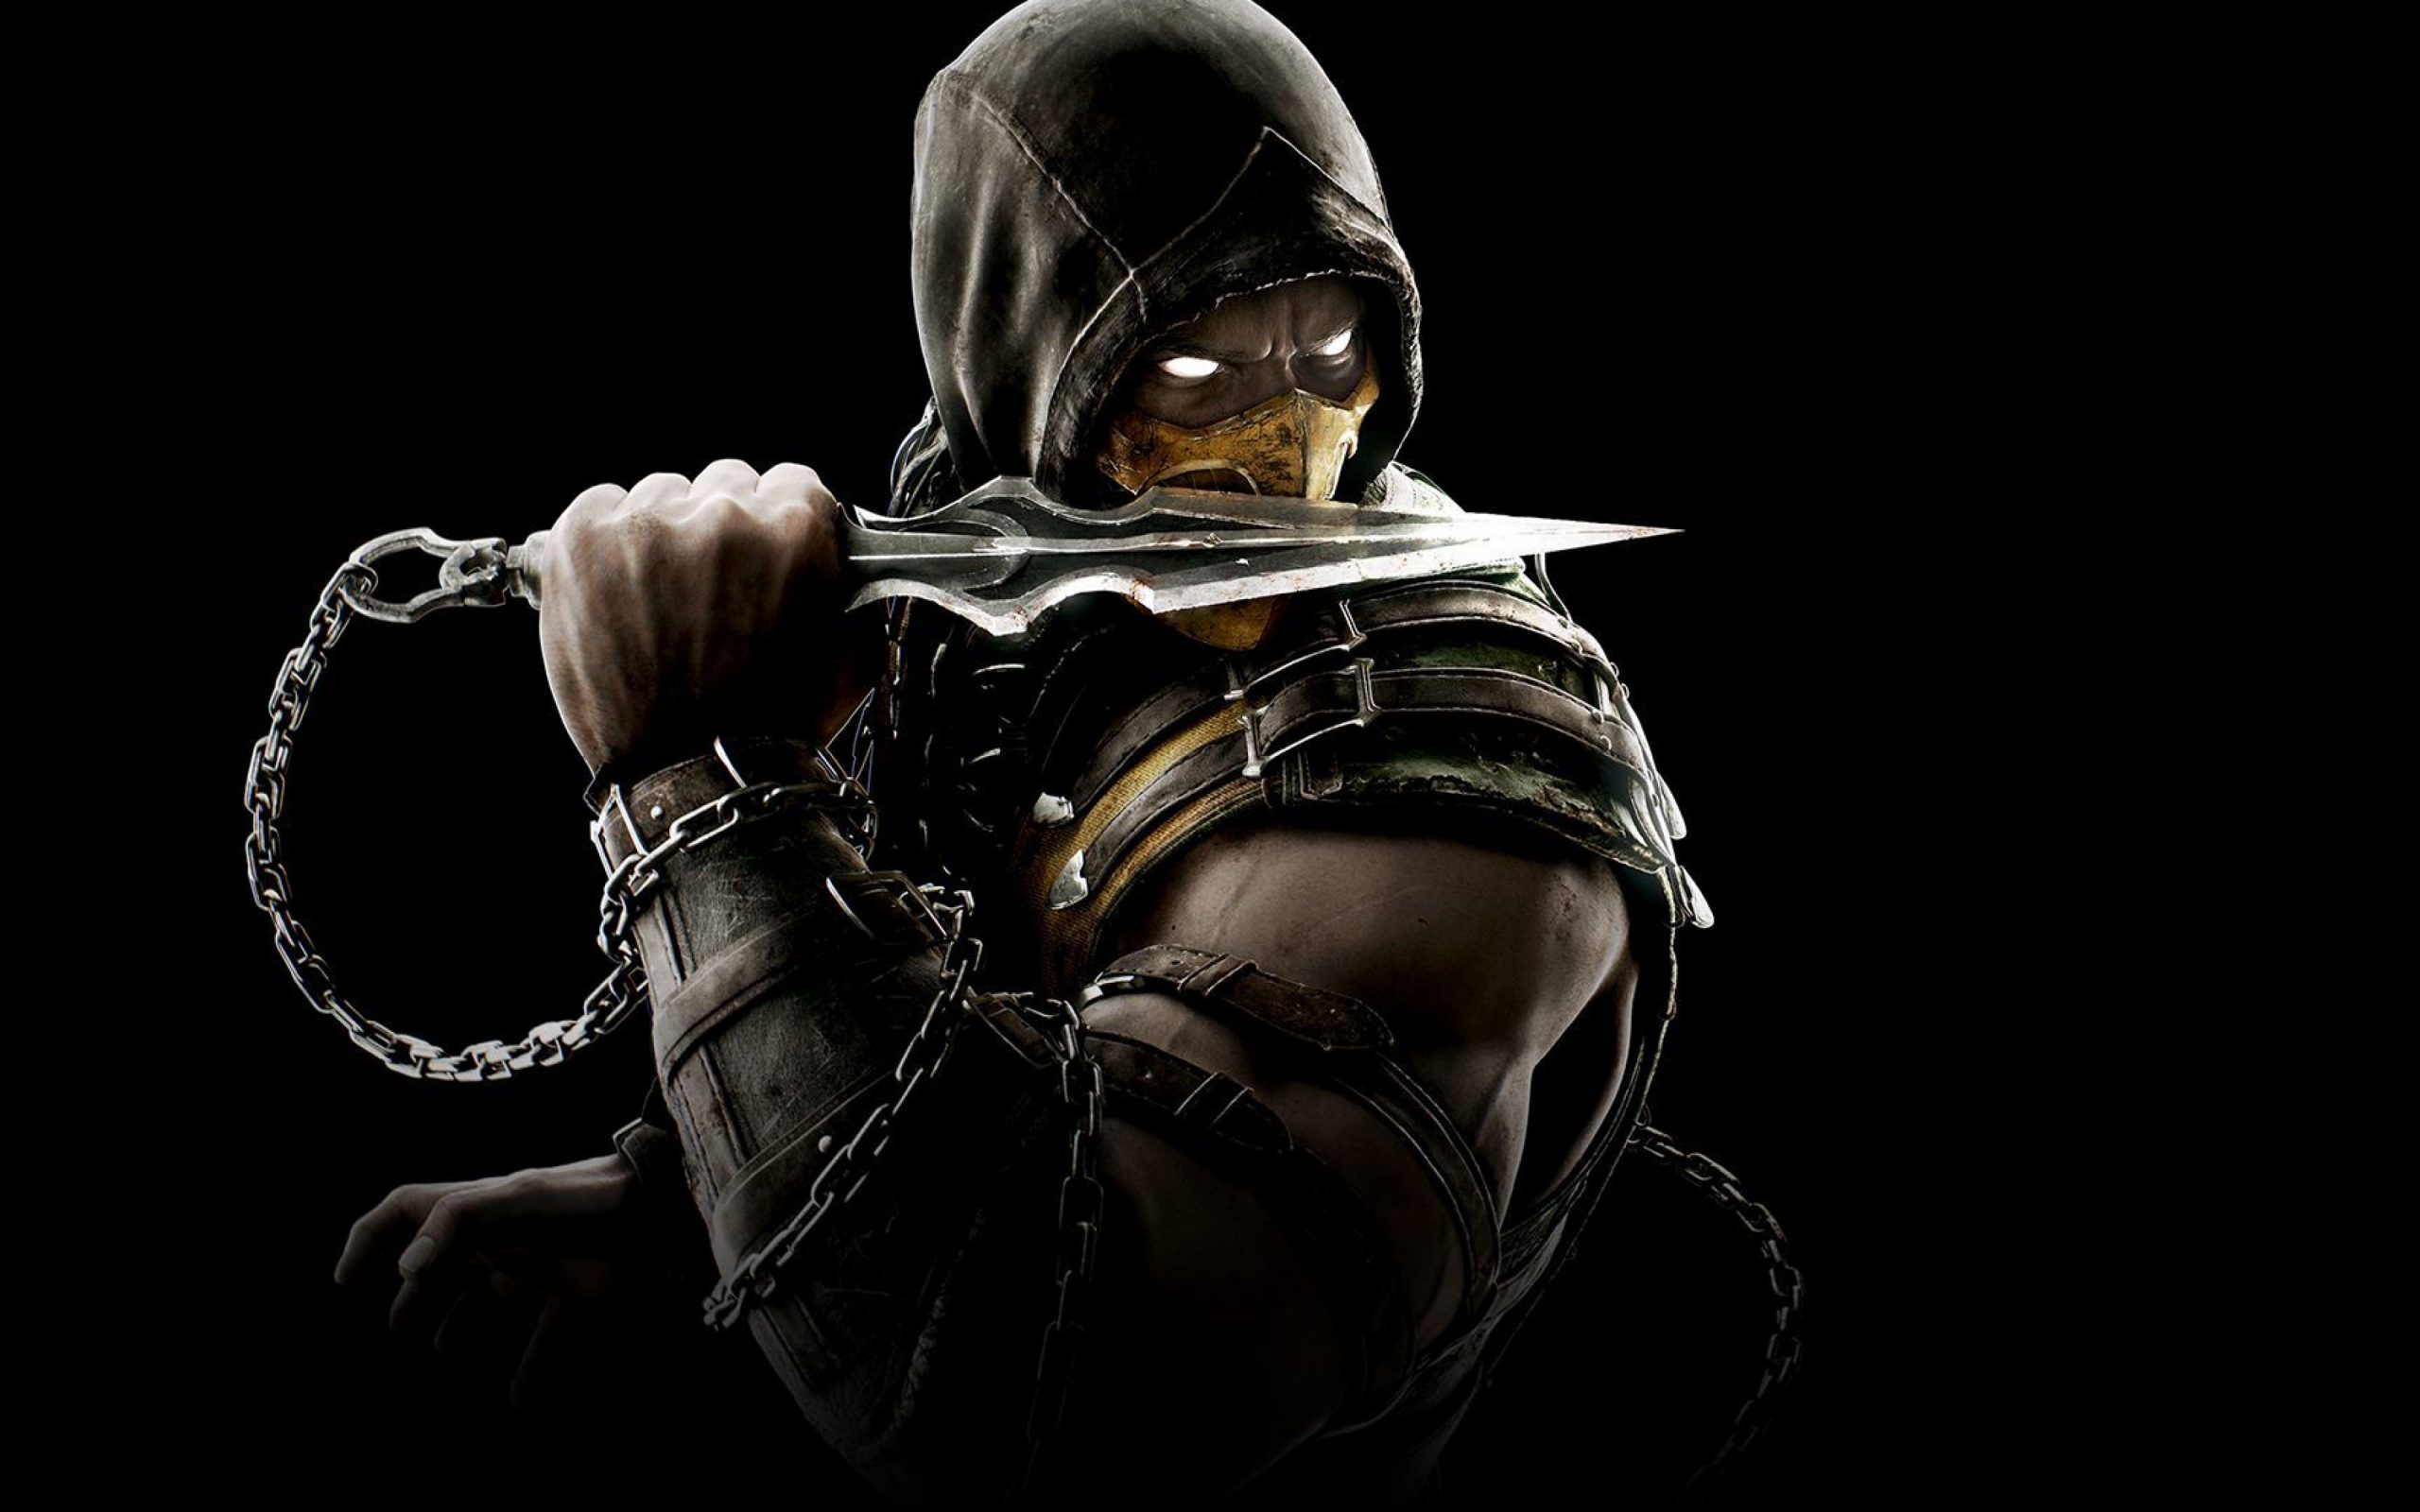 Mortal Kombat Photos 3